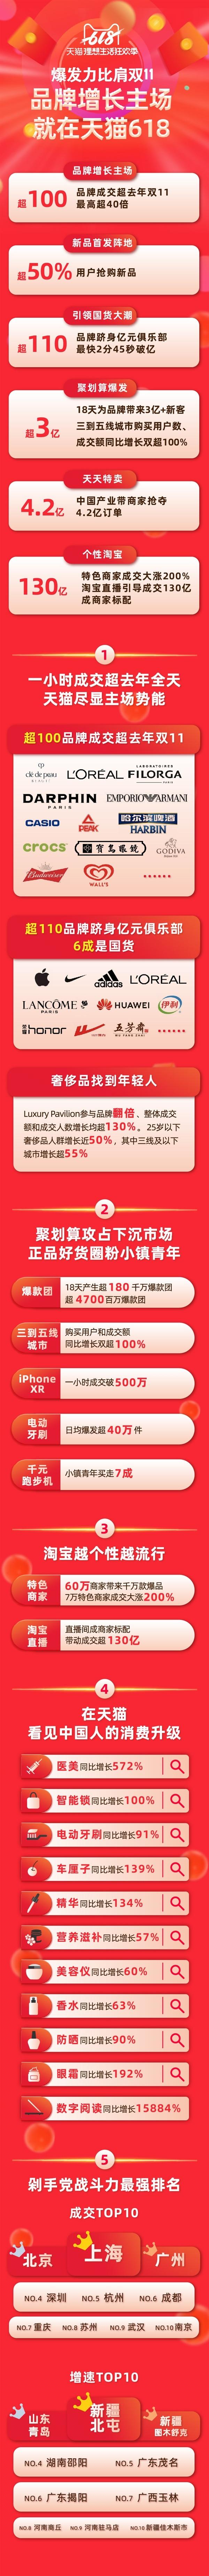 天貓618官方戰績:1小時超去年全天 華為小米破10億